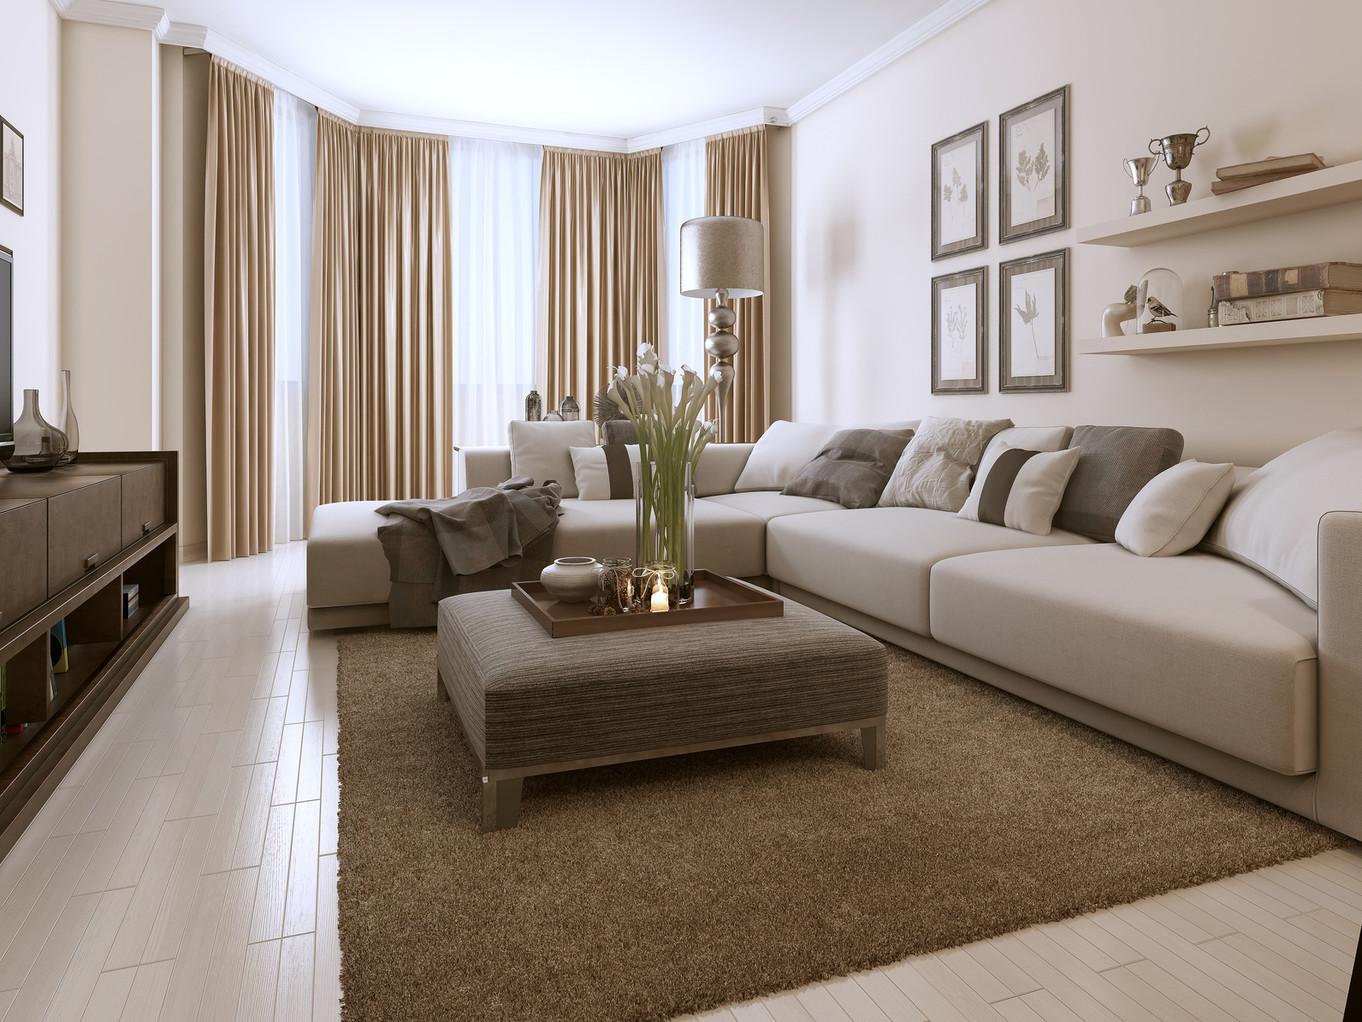 gardinen wohnzimmer balkon : Gardinen Ideen F R Wohnzimmer Mit Balkon Preshcool Com